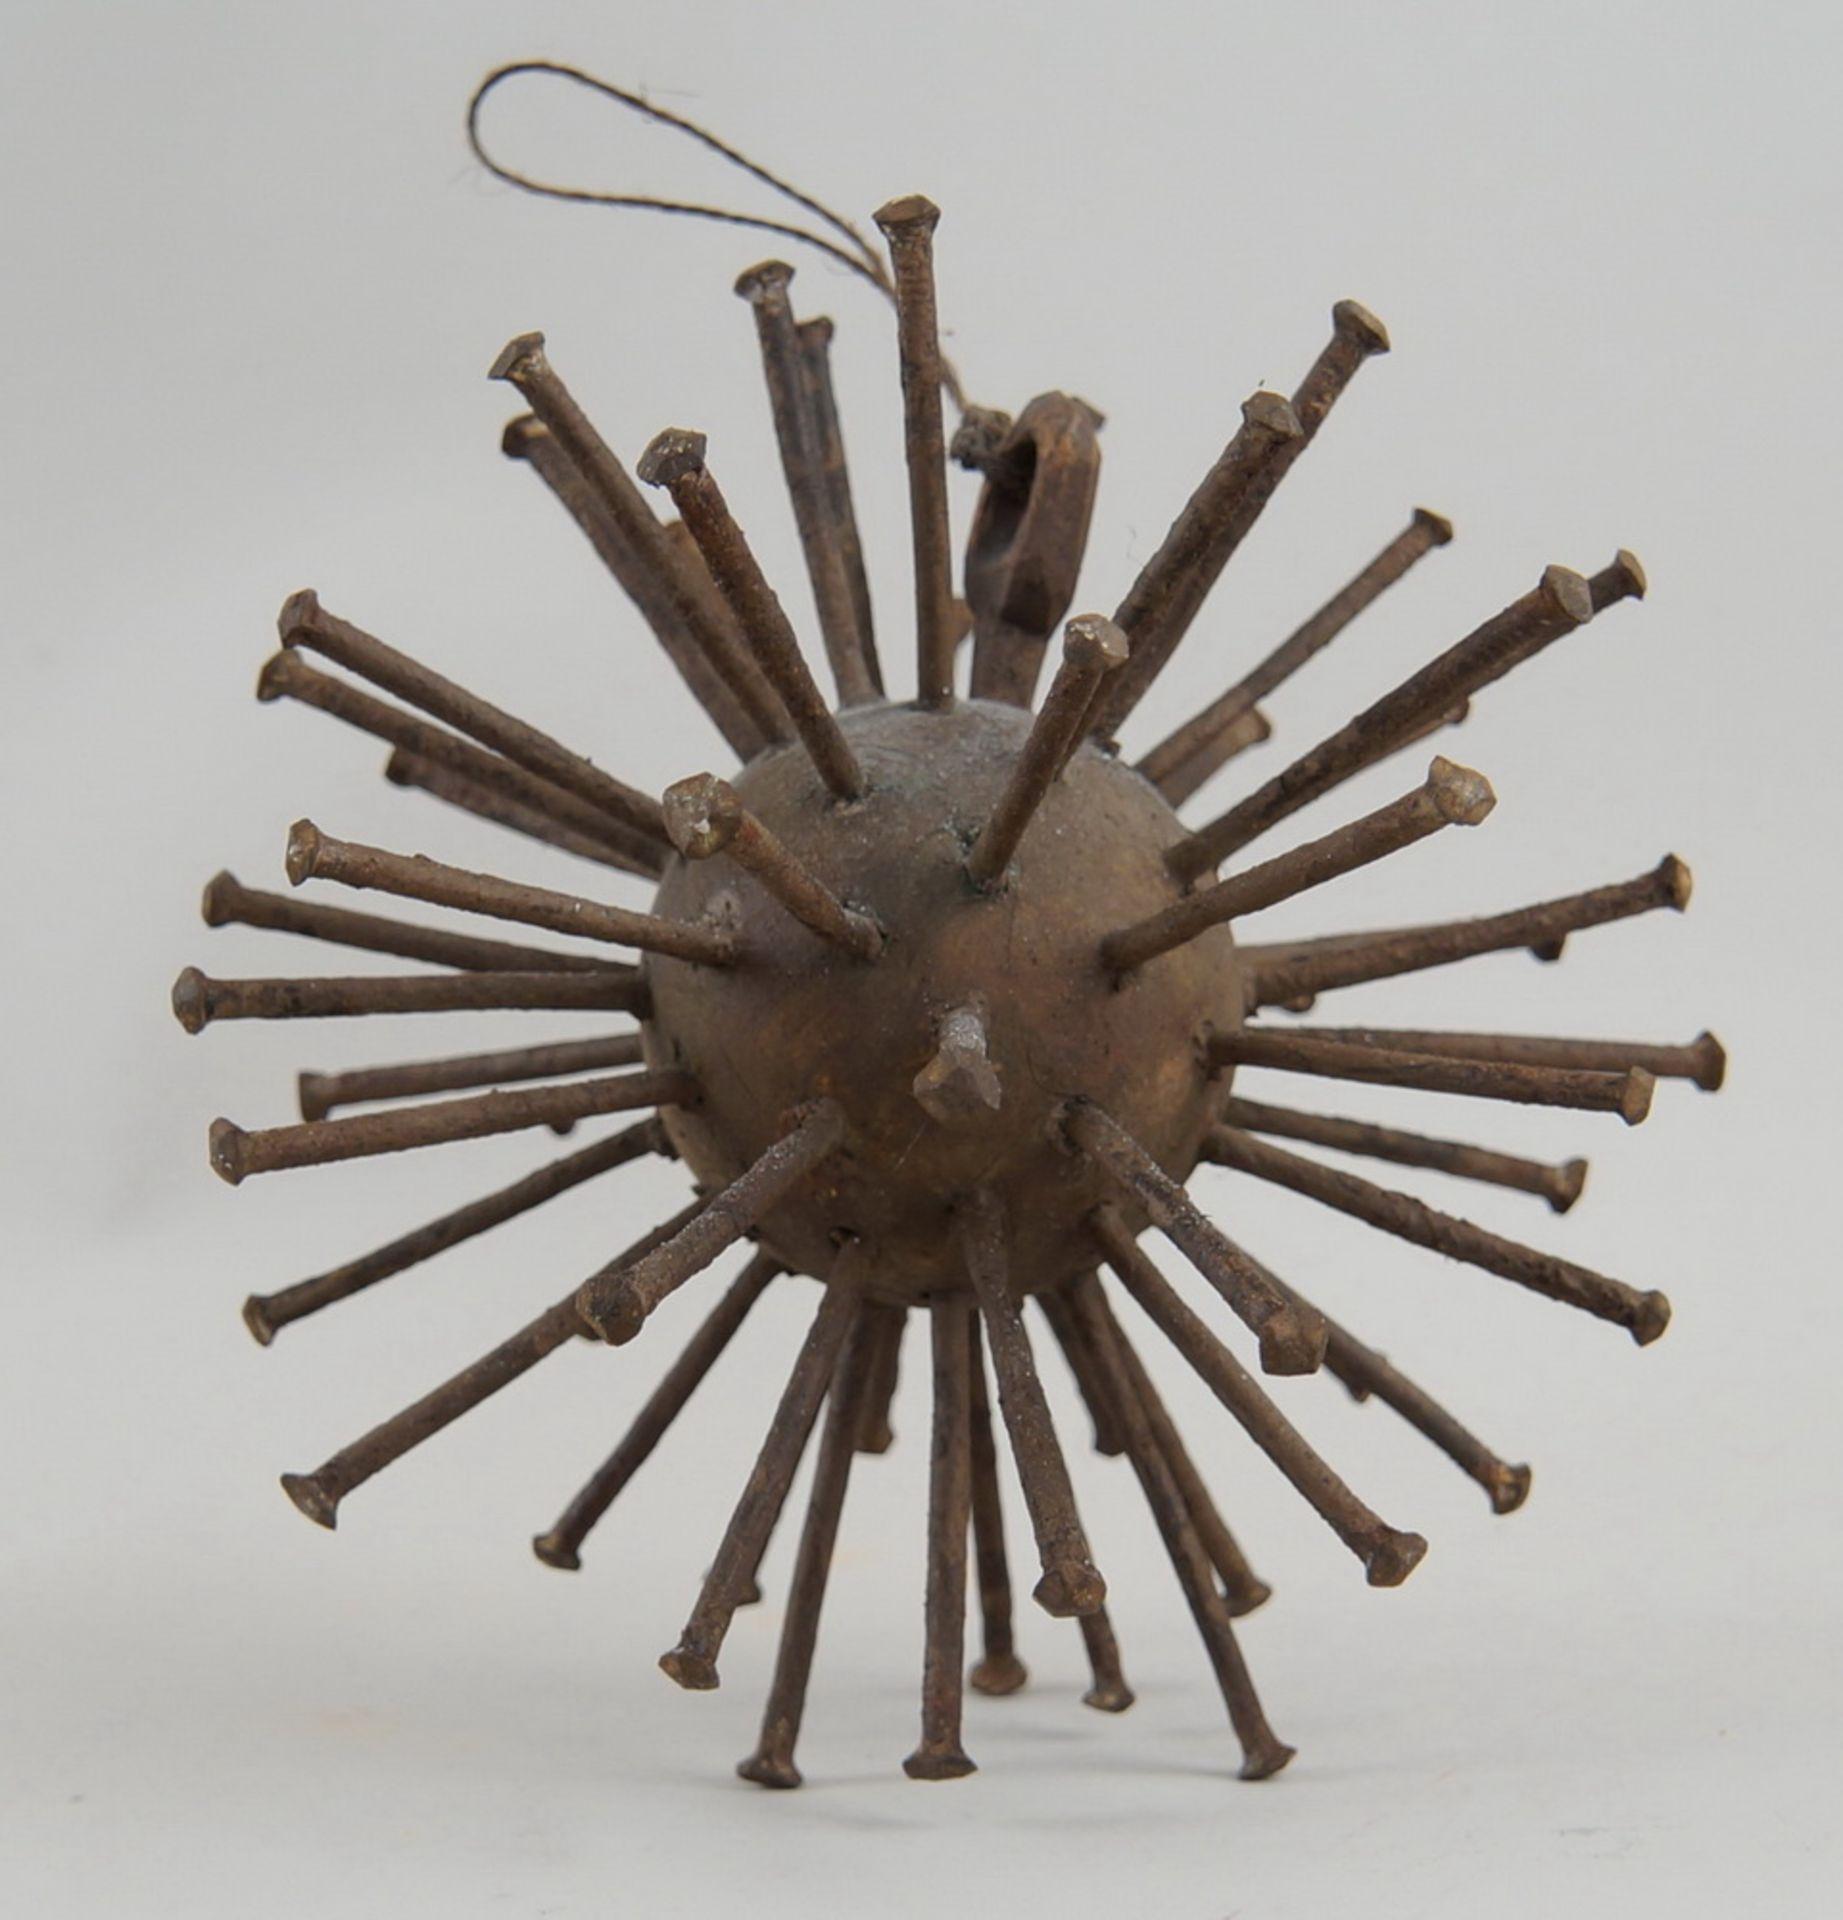 Grosse Votivgabe in Form eines Sternes, zur Abwehr von Krankheiten, mit Eisenstacheln,Durchmesser 18